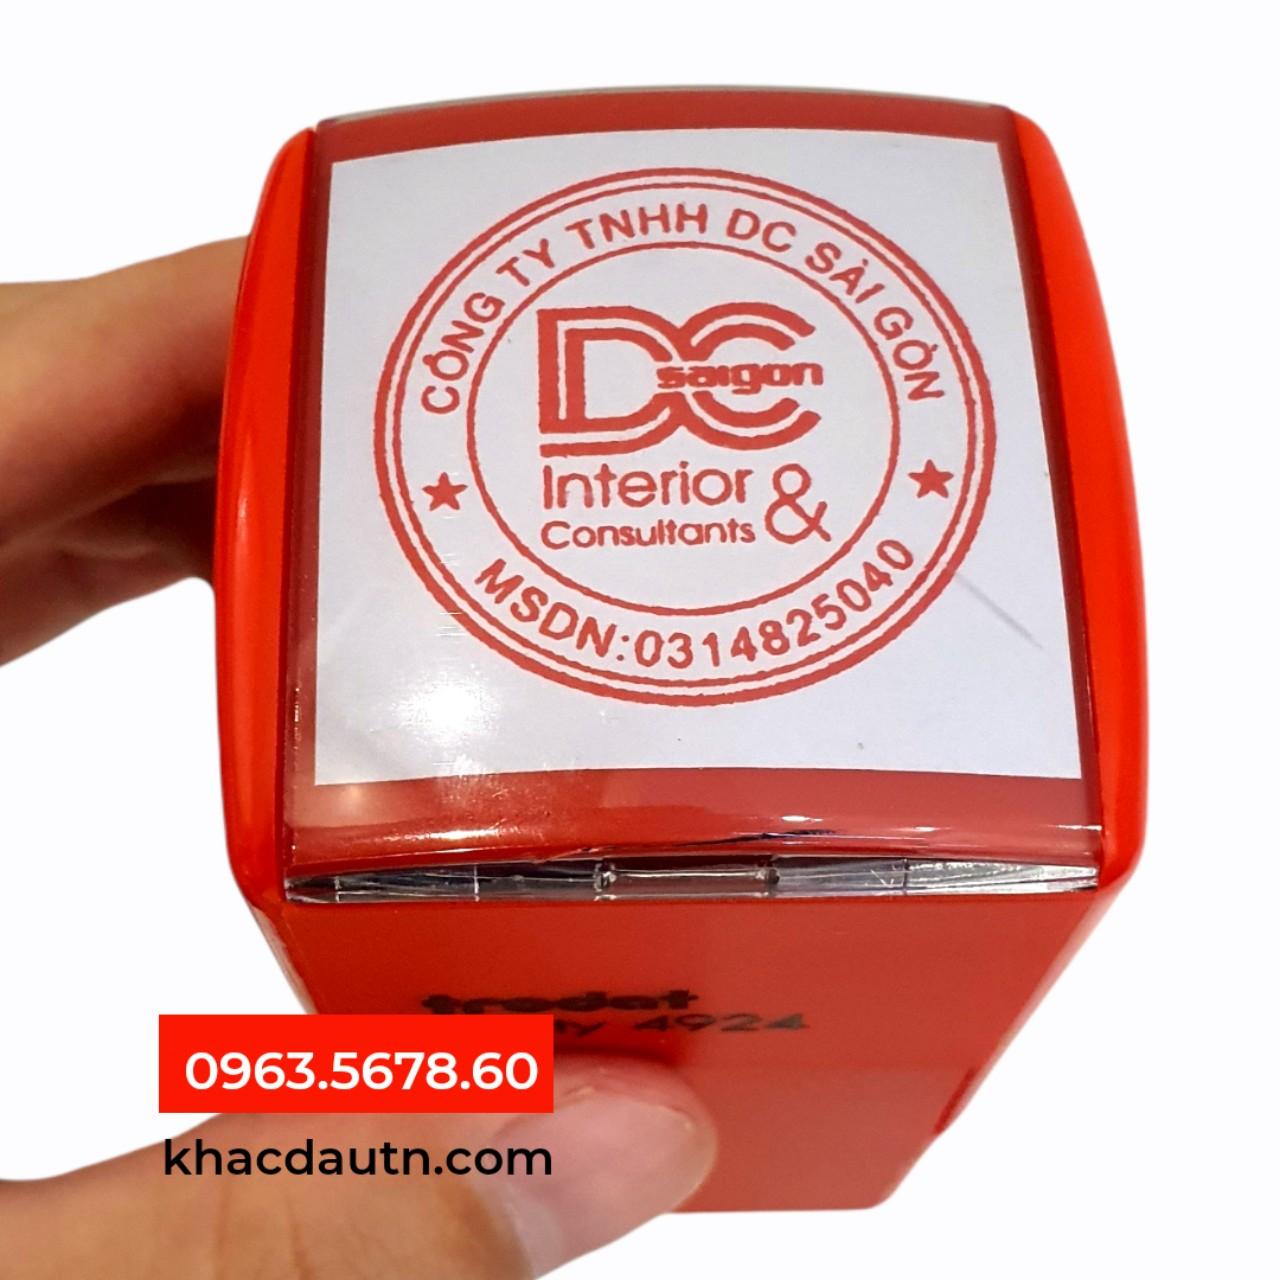 Làm Dấu Tròn Công Ty Có Logo - 0963.5678.60 Chuyên Cung Cấp Và Sản Xuất Giao Công Con Dấu - Luôn Có Nhiều Ưu Đãi Giảm - Xuất HD VAT 10%